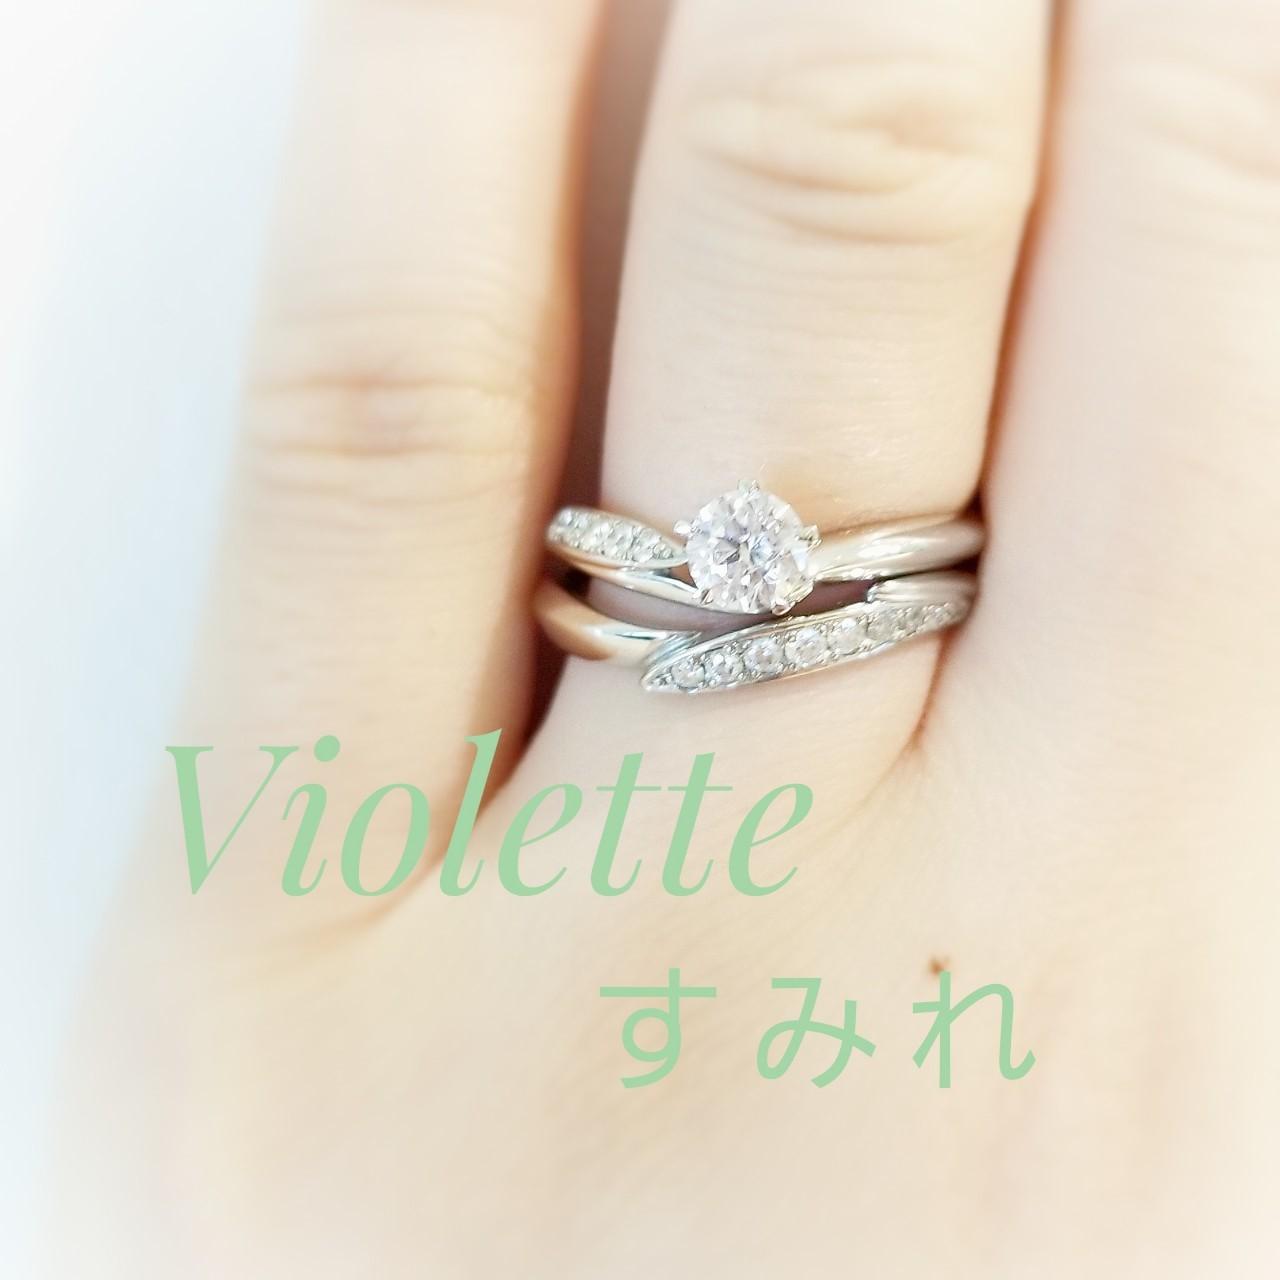 新潟結婚婚約指輪マリッジエンゲージリングブライダルLAPAGEラパージュセットBROOCHブローチ